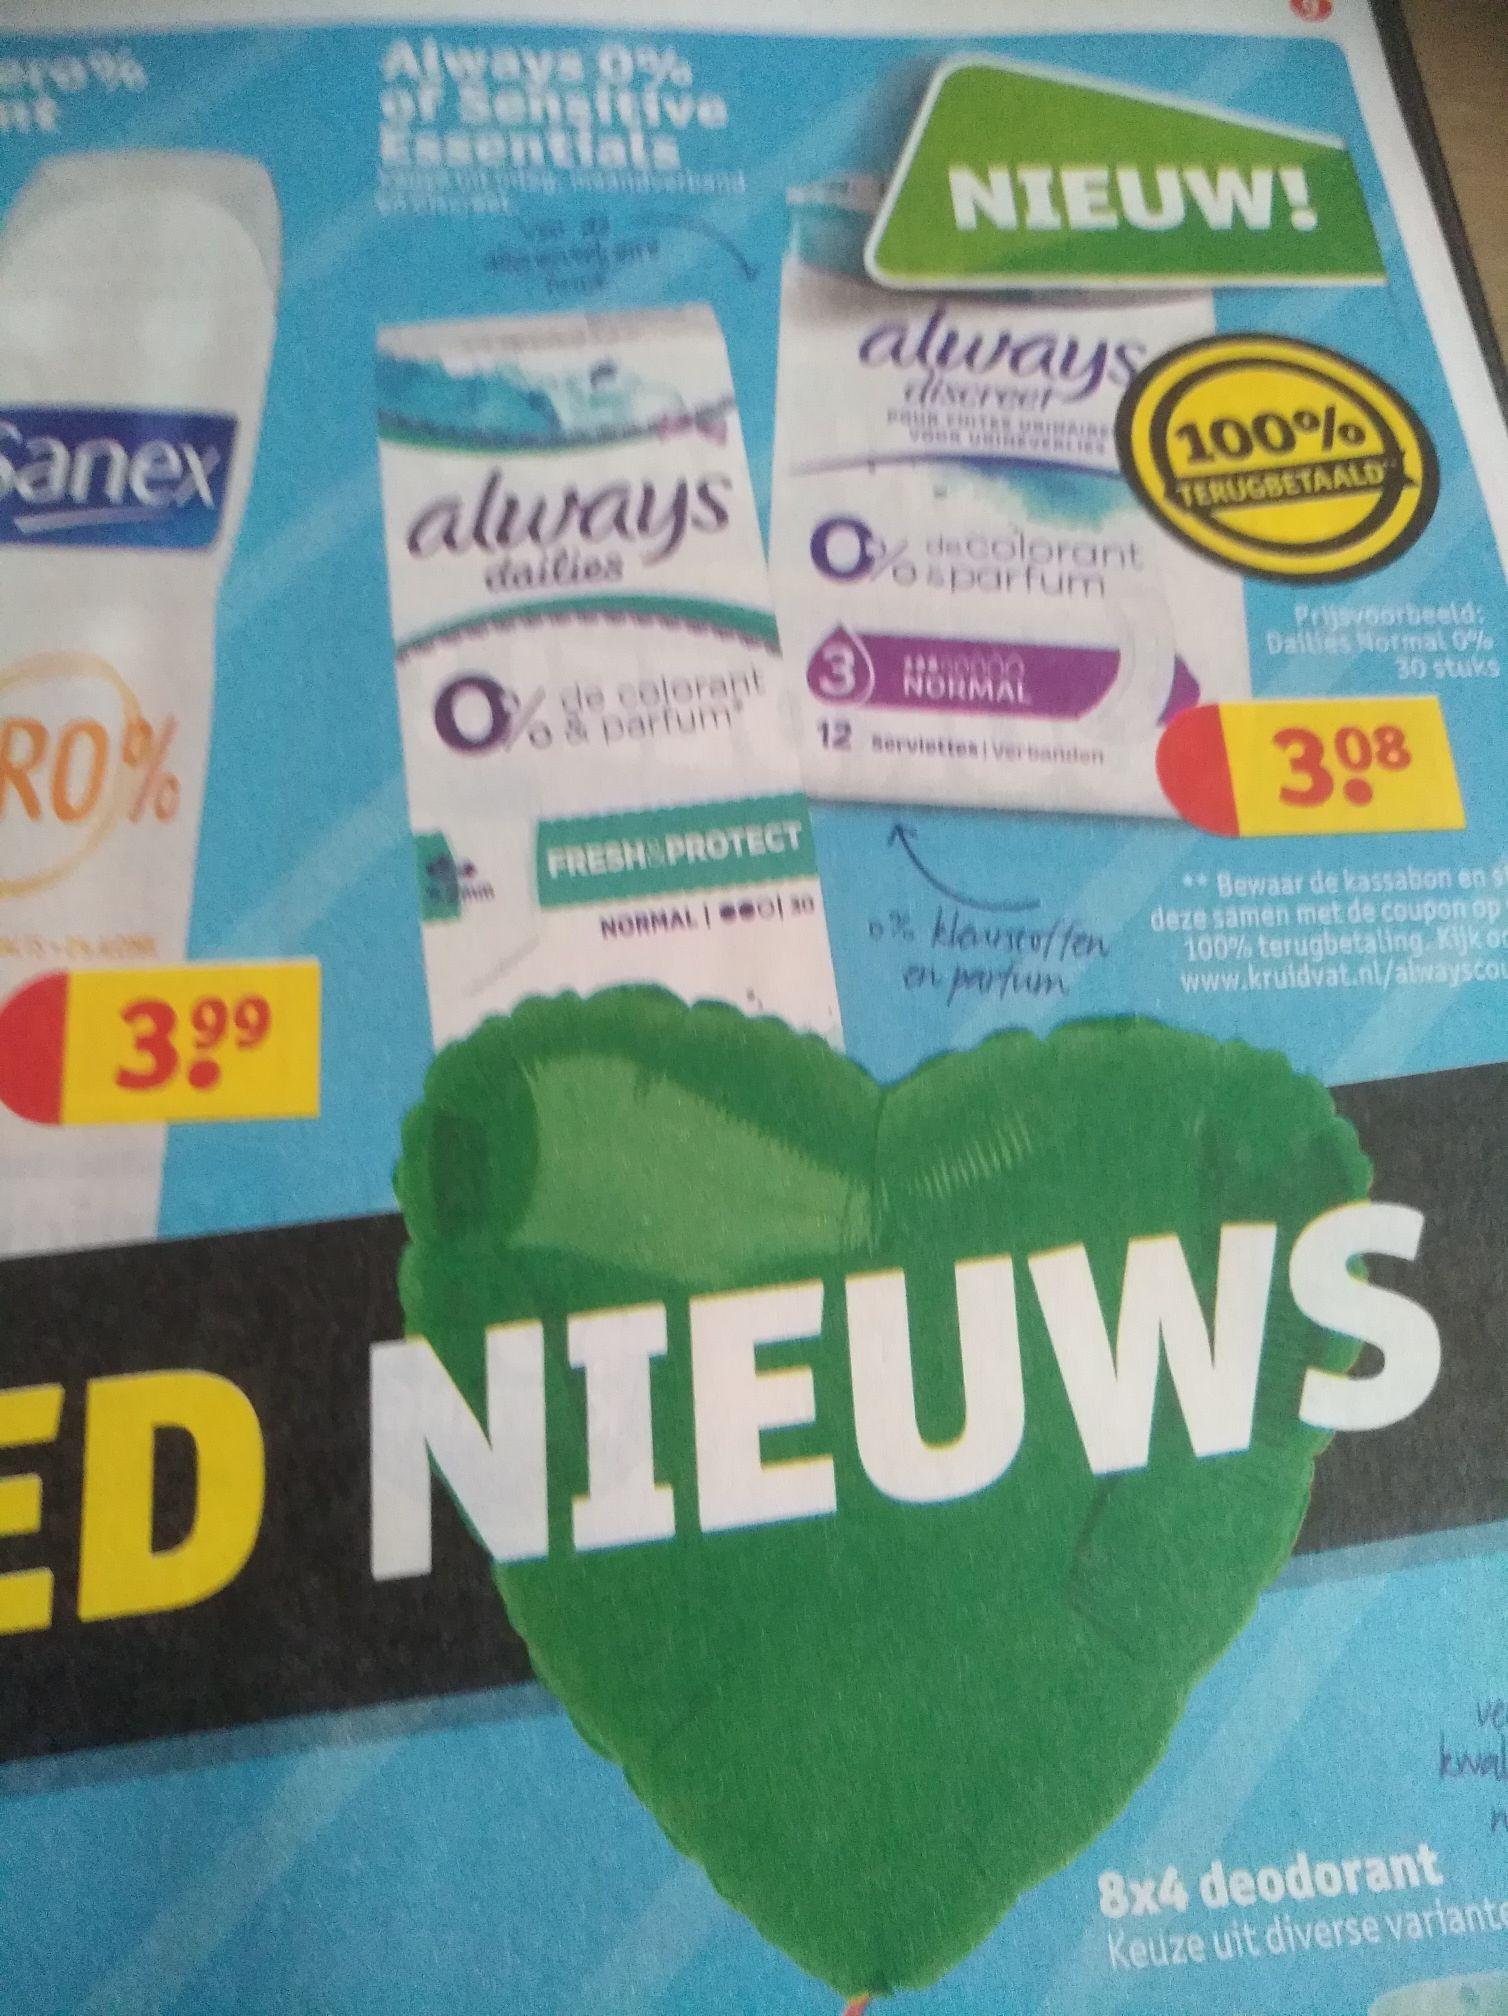 Gratis Always sensitive essentials of Always 0% bij Kruidvat (cashback)